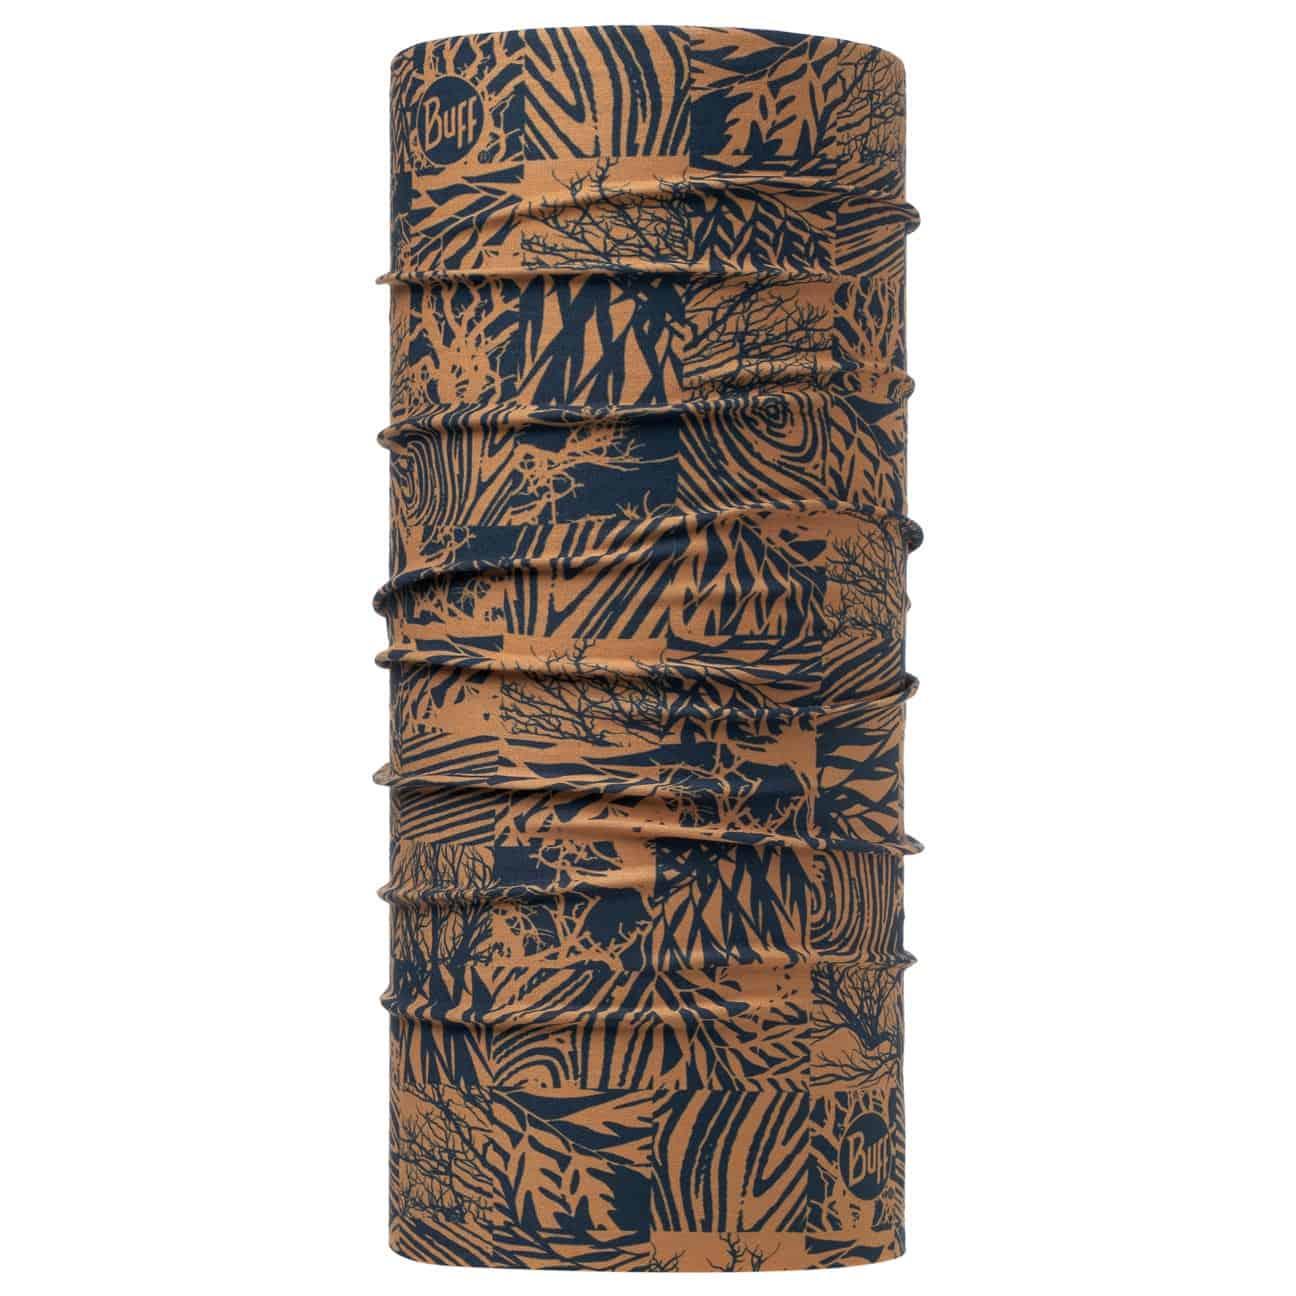 Bandana Multifuncional Copper High UV by BUFF  bandana